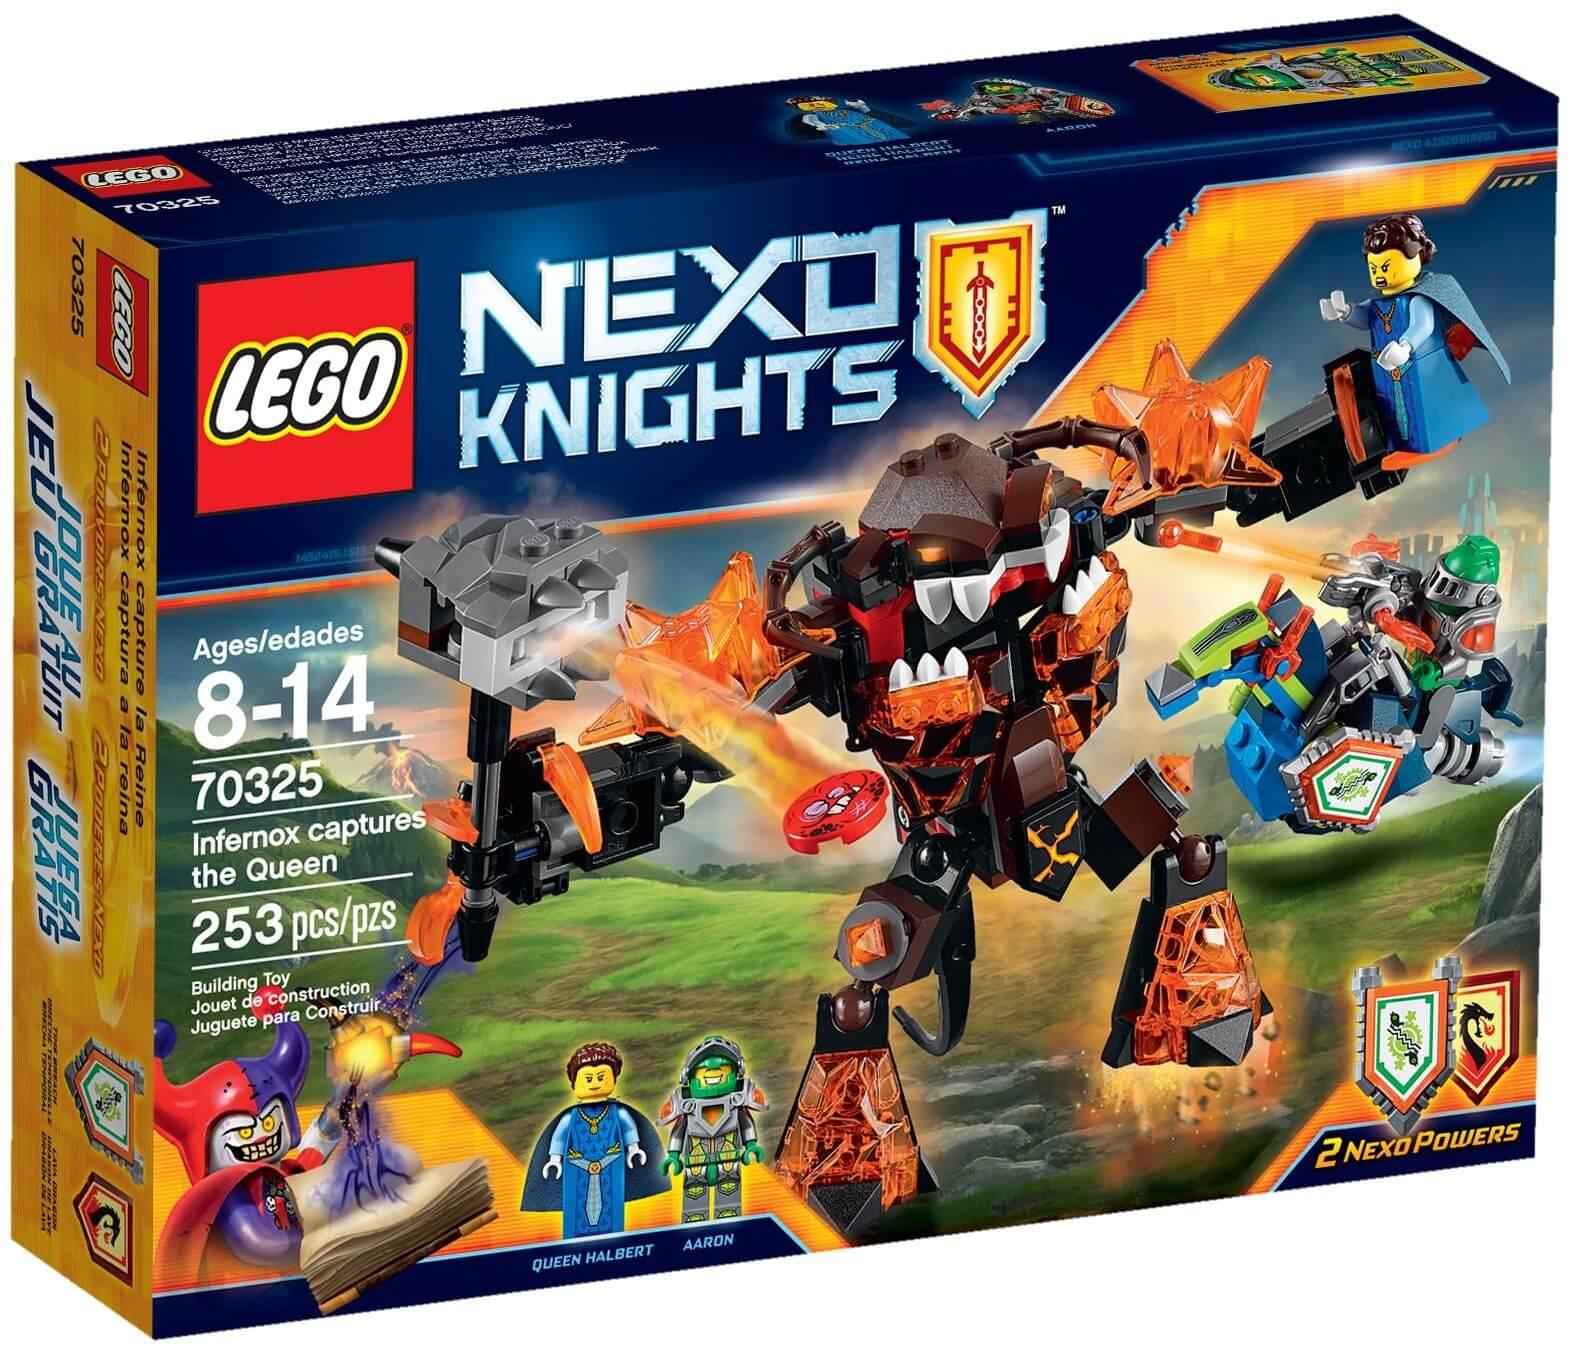 Mua đồ chơi LEGO 70325 - LEGO Nexo Knights 70325 - Quái vật Infernox bắt cóc Nữ Hoàng (LEGO Nexo Knights Infernox captures the Queen 70325)